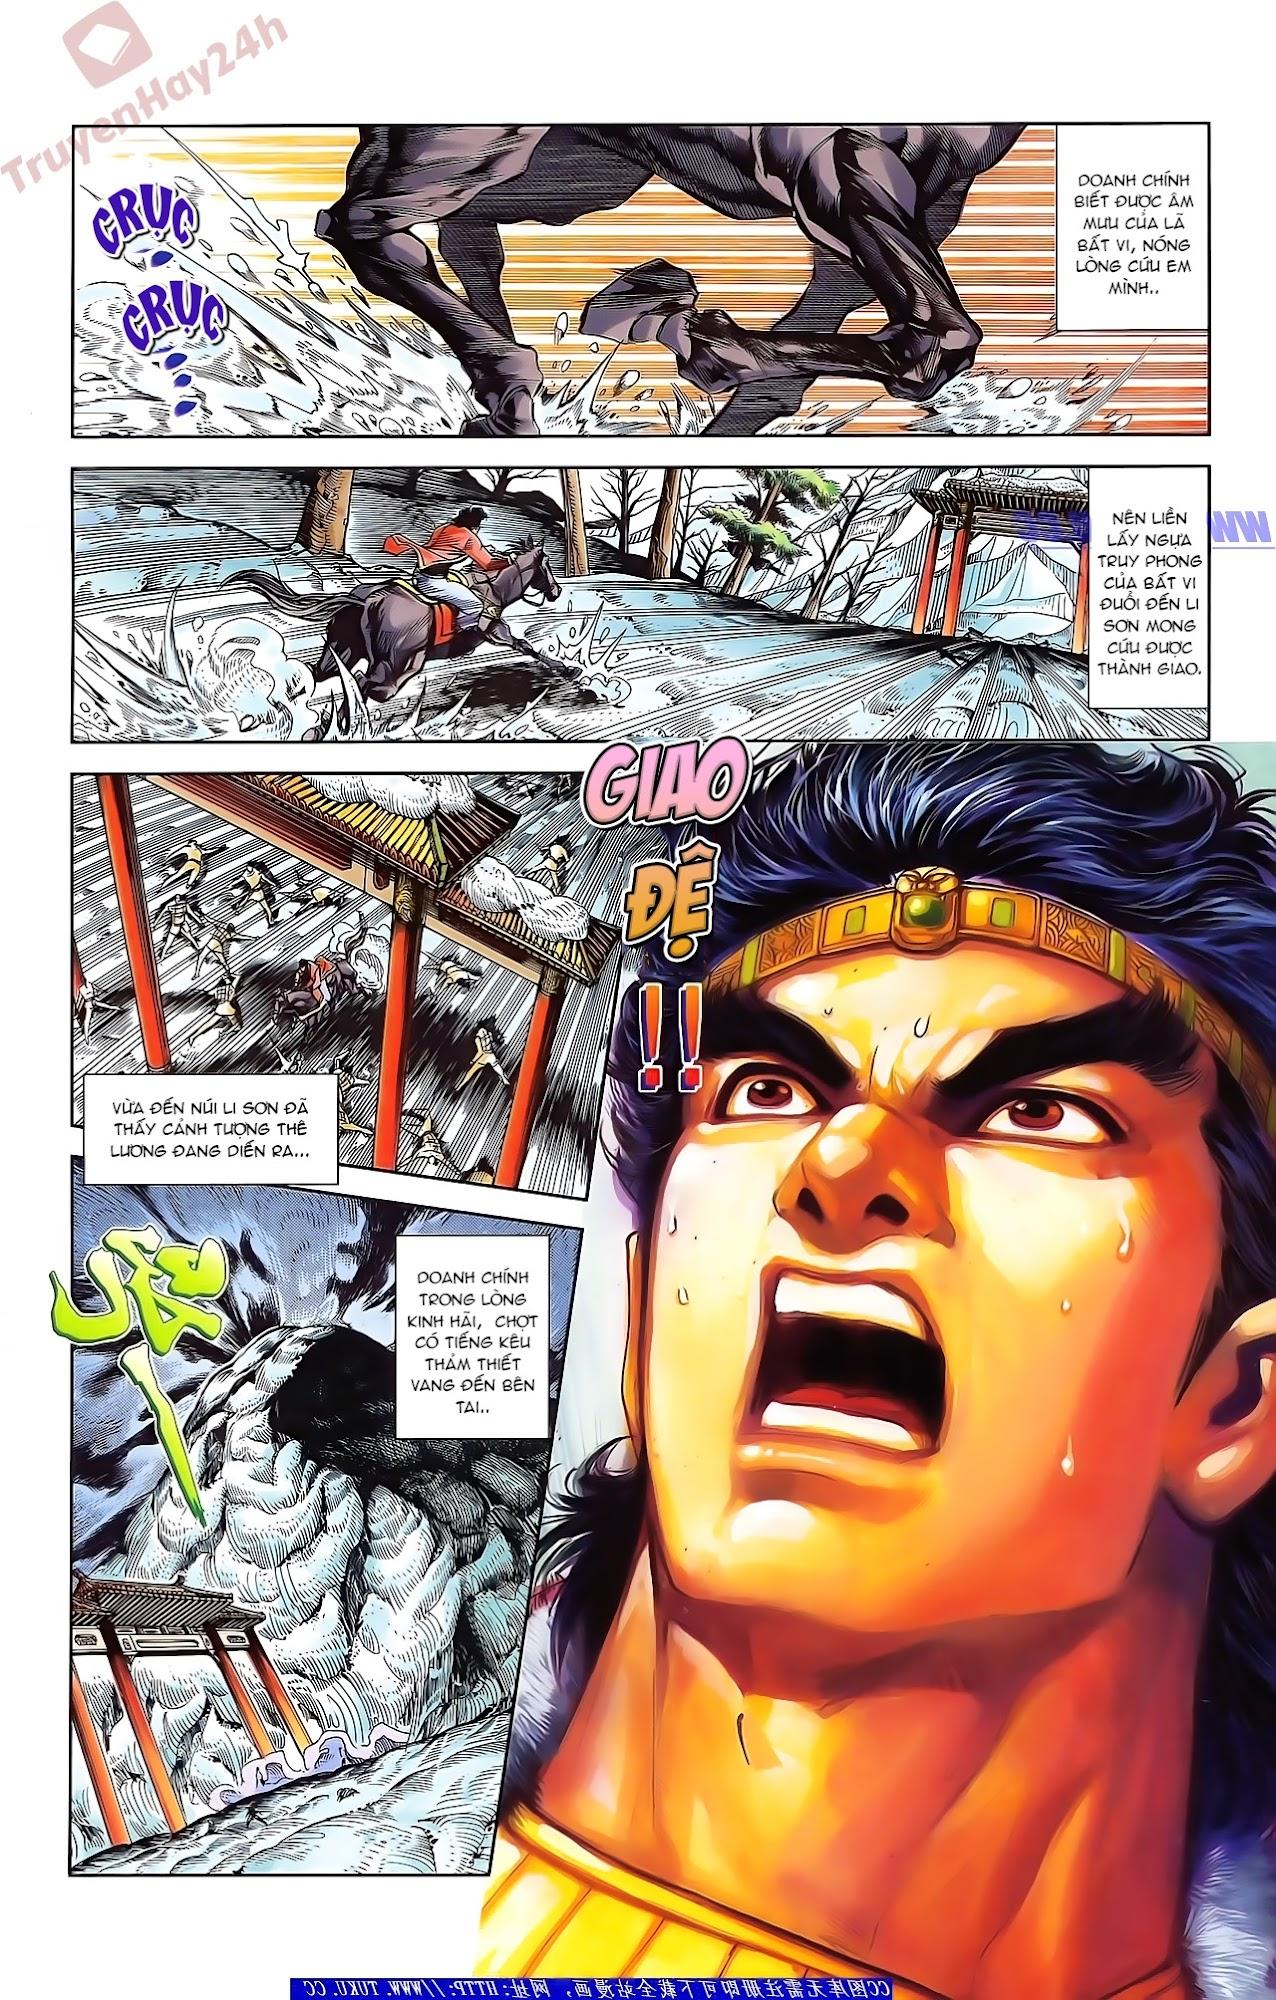 Tần Vương Doanh Chính chapter 45 trang 2